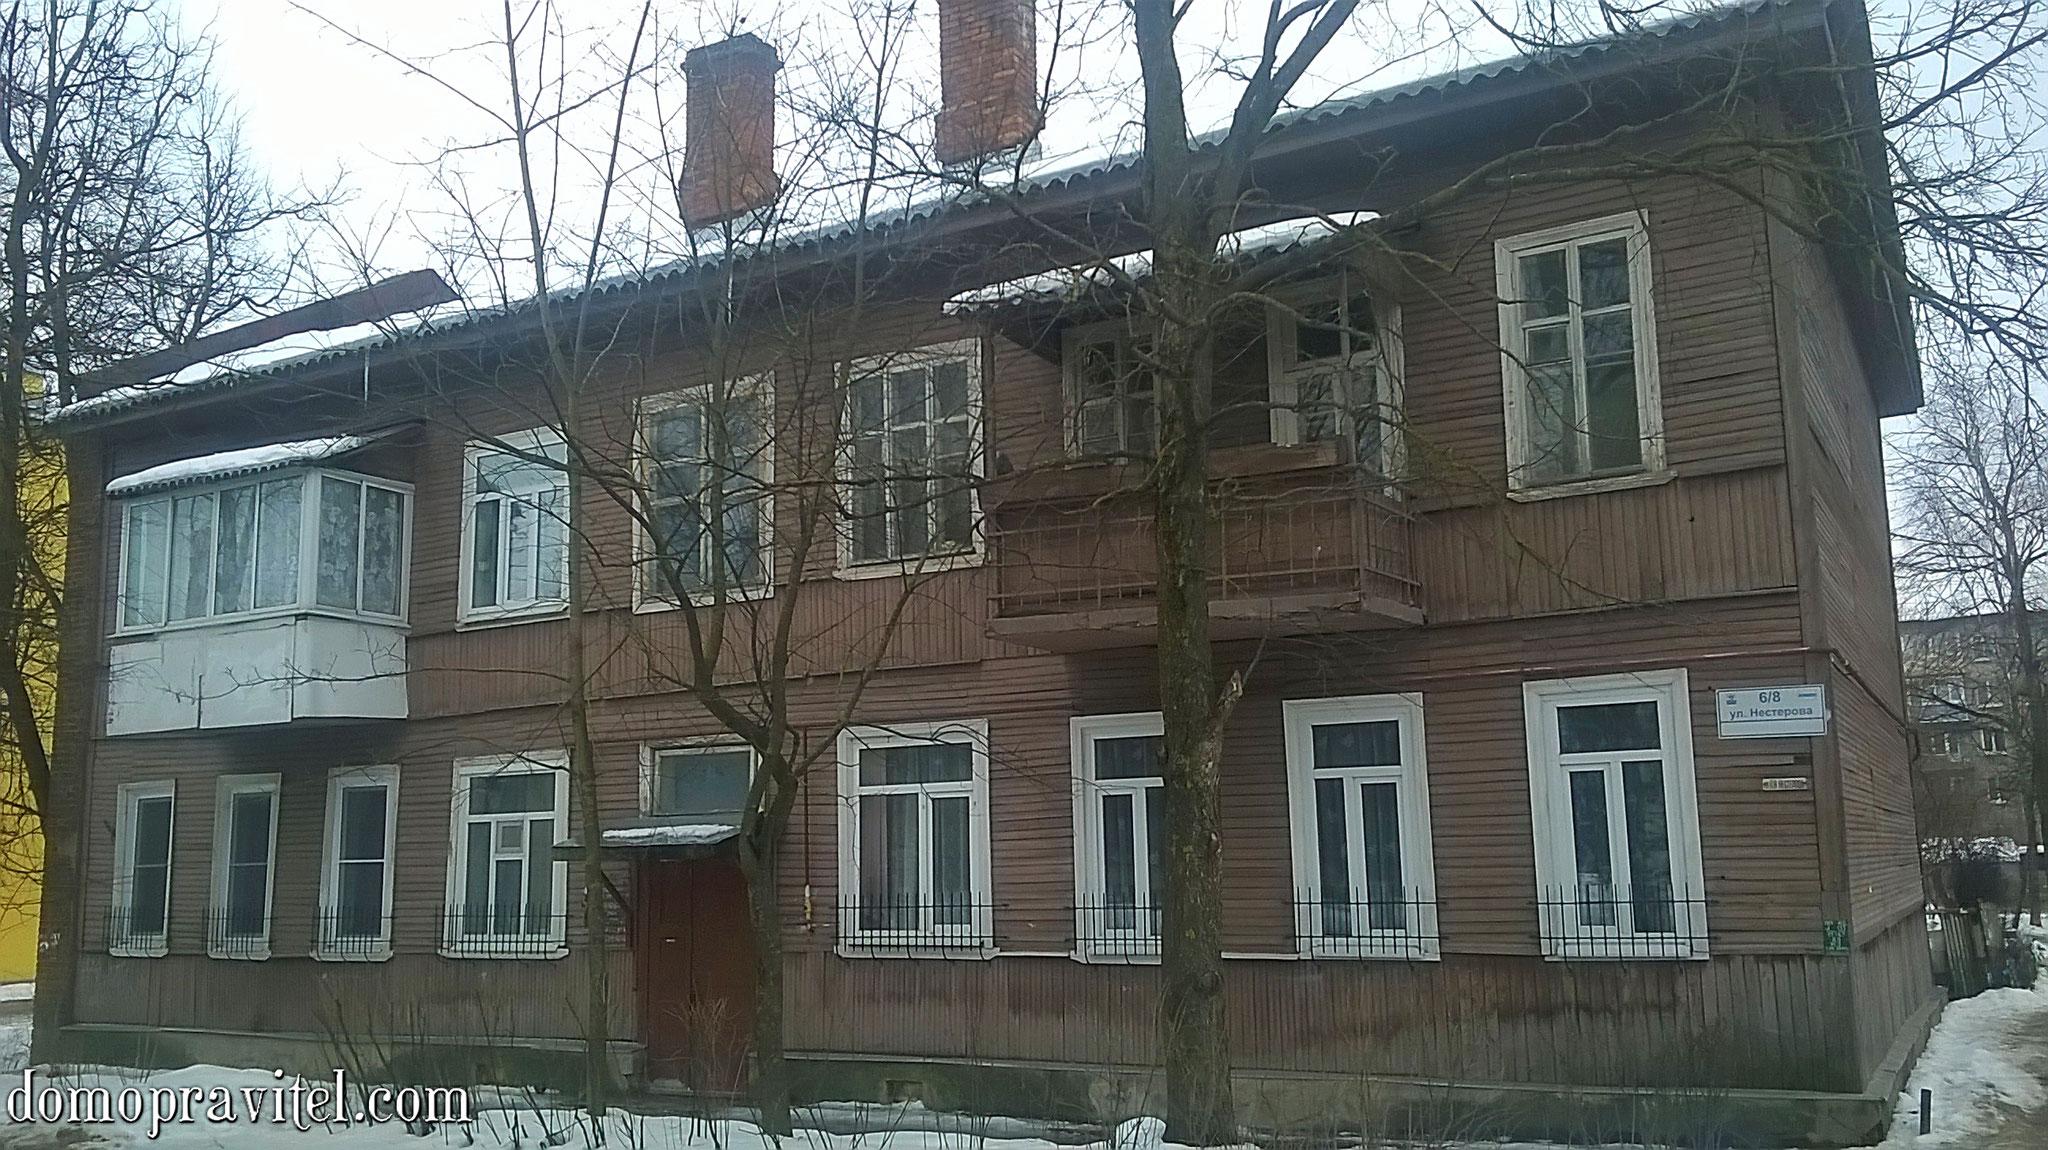 Нестерова 6/8 в Гатчине. Вид с ул. Нестерова. Весна 2018.